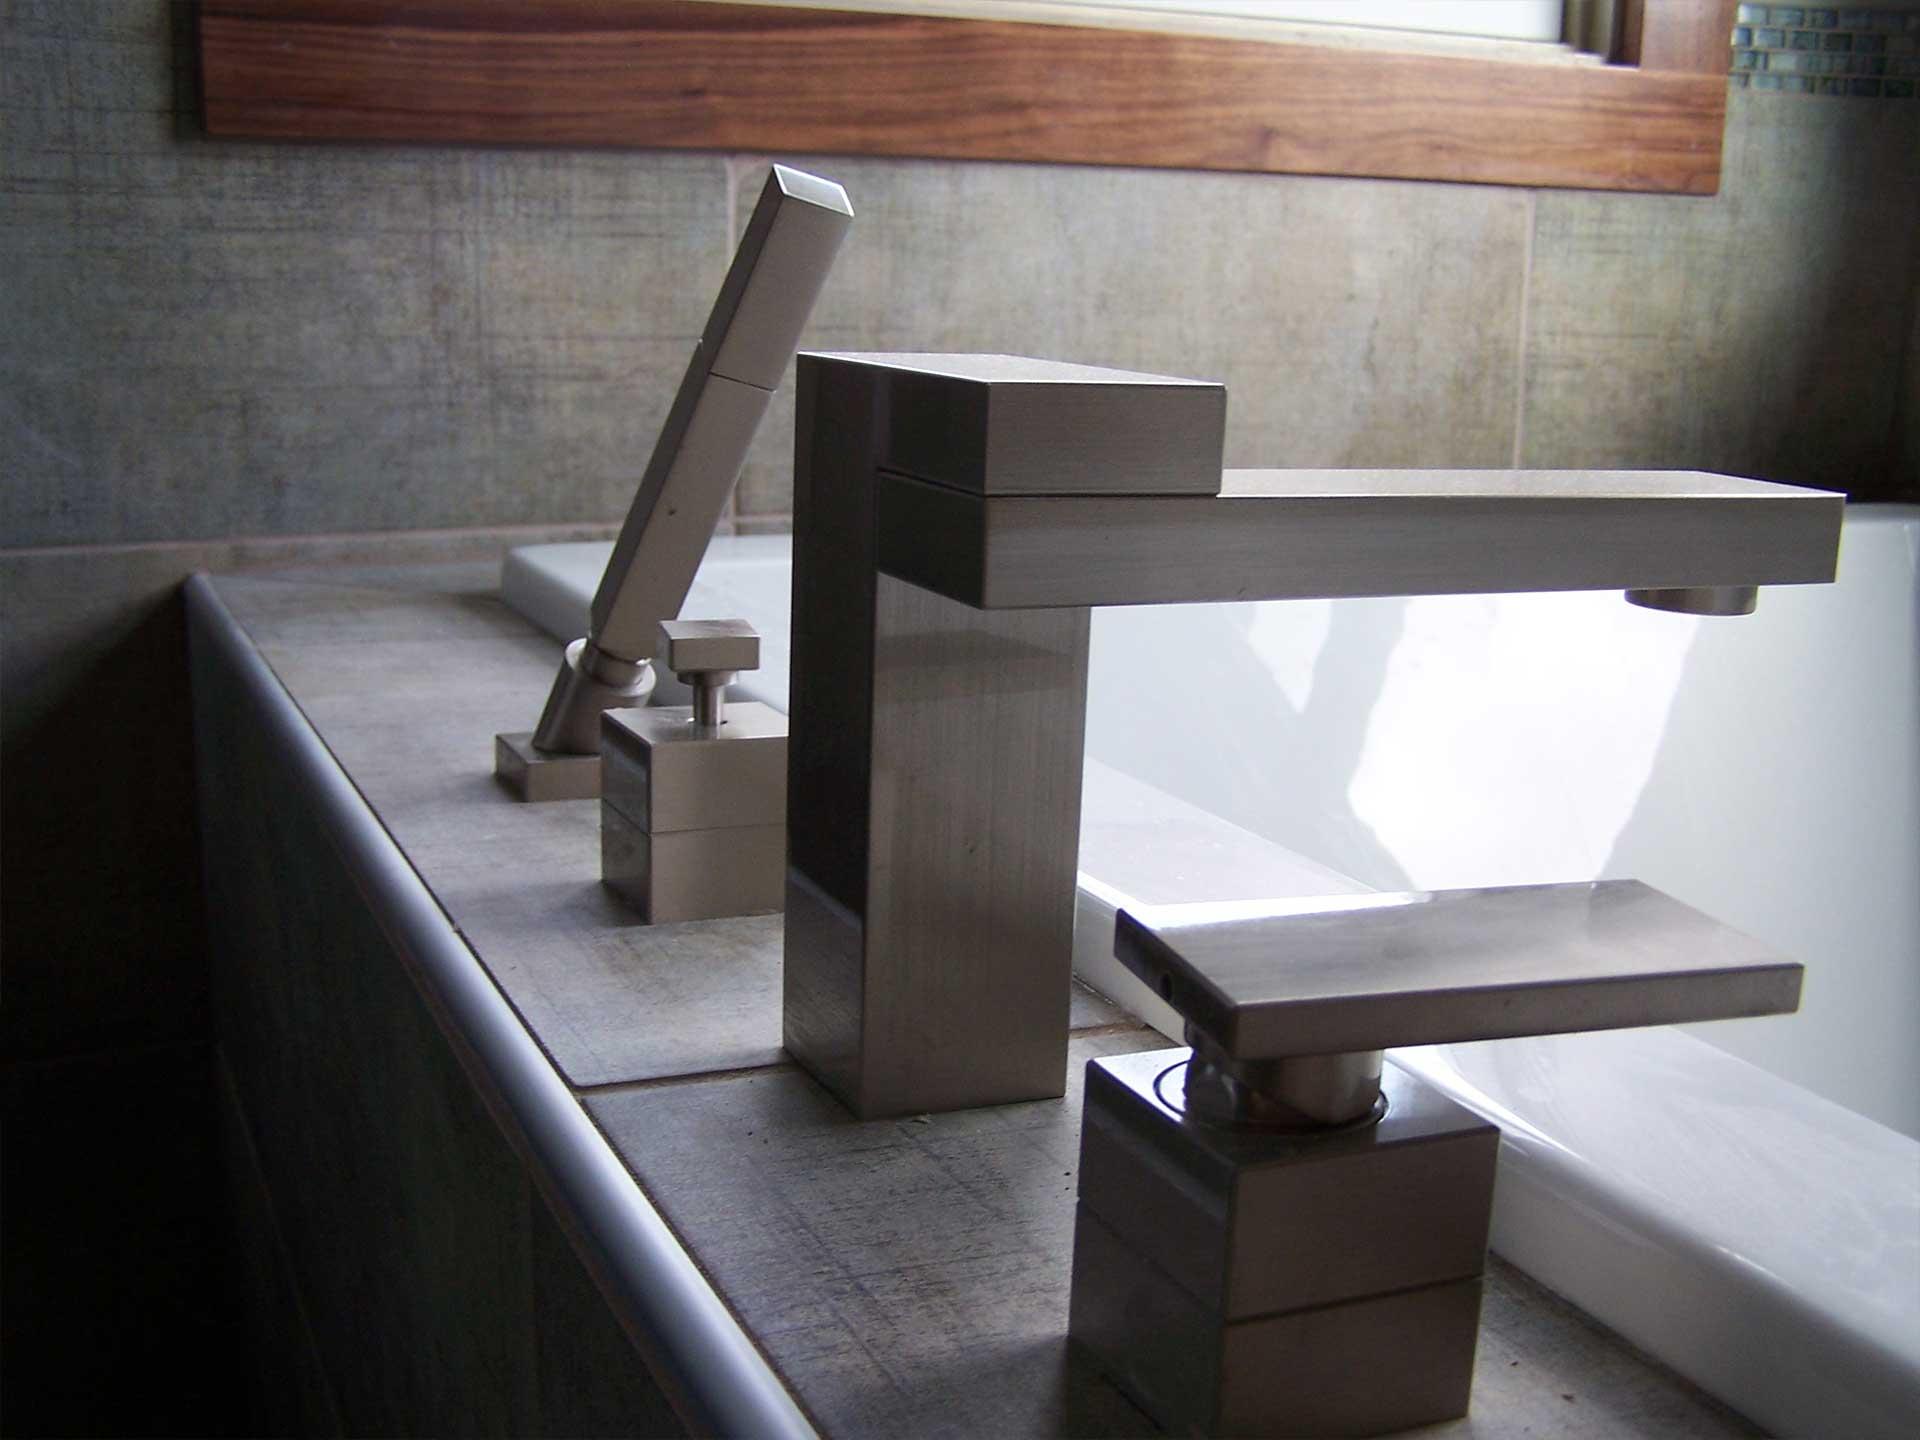 midwest-remodeling-bathroom-remodel-details